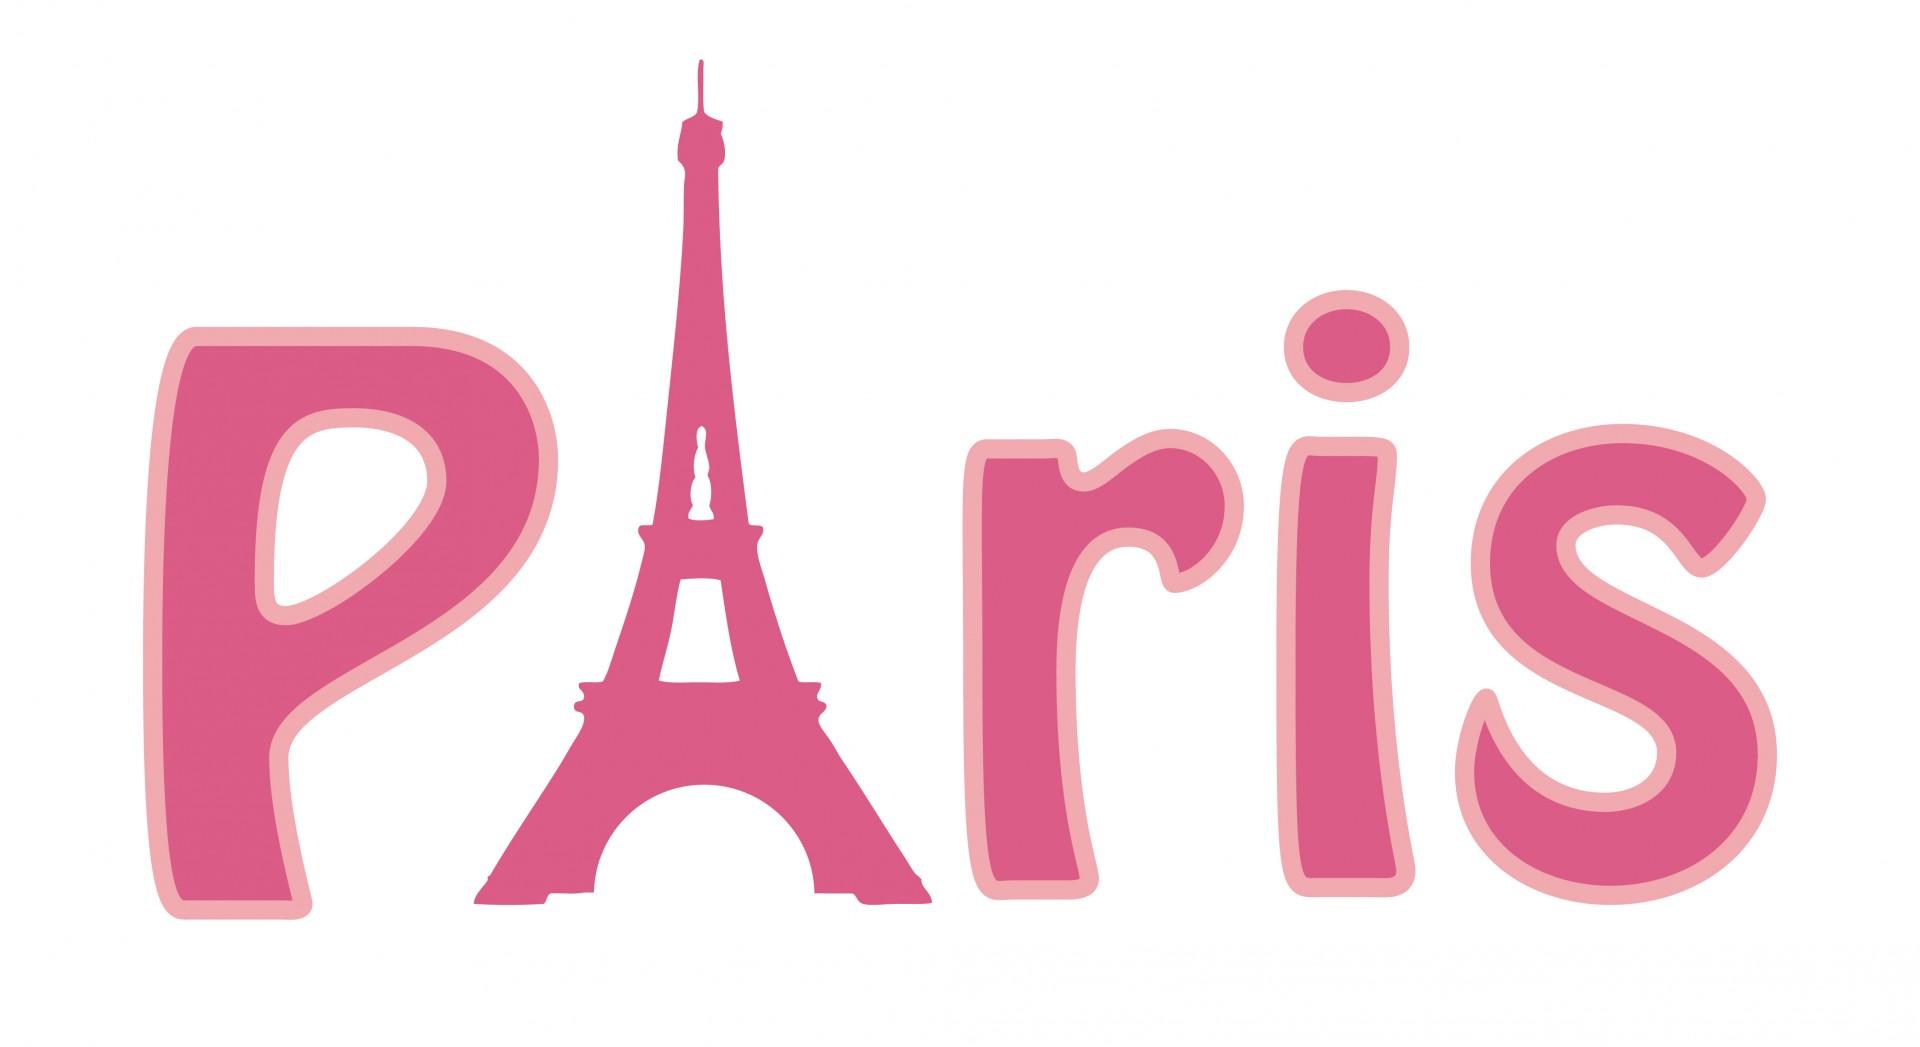 Paris clipart Paris Eiffel Eiffel Clipart Domain